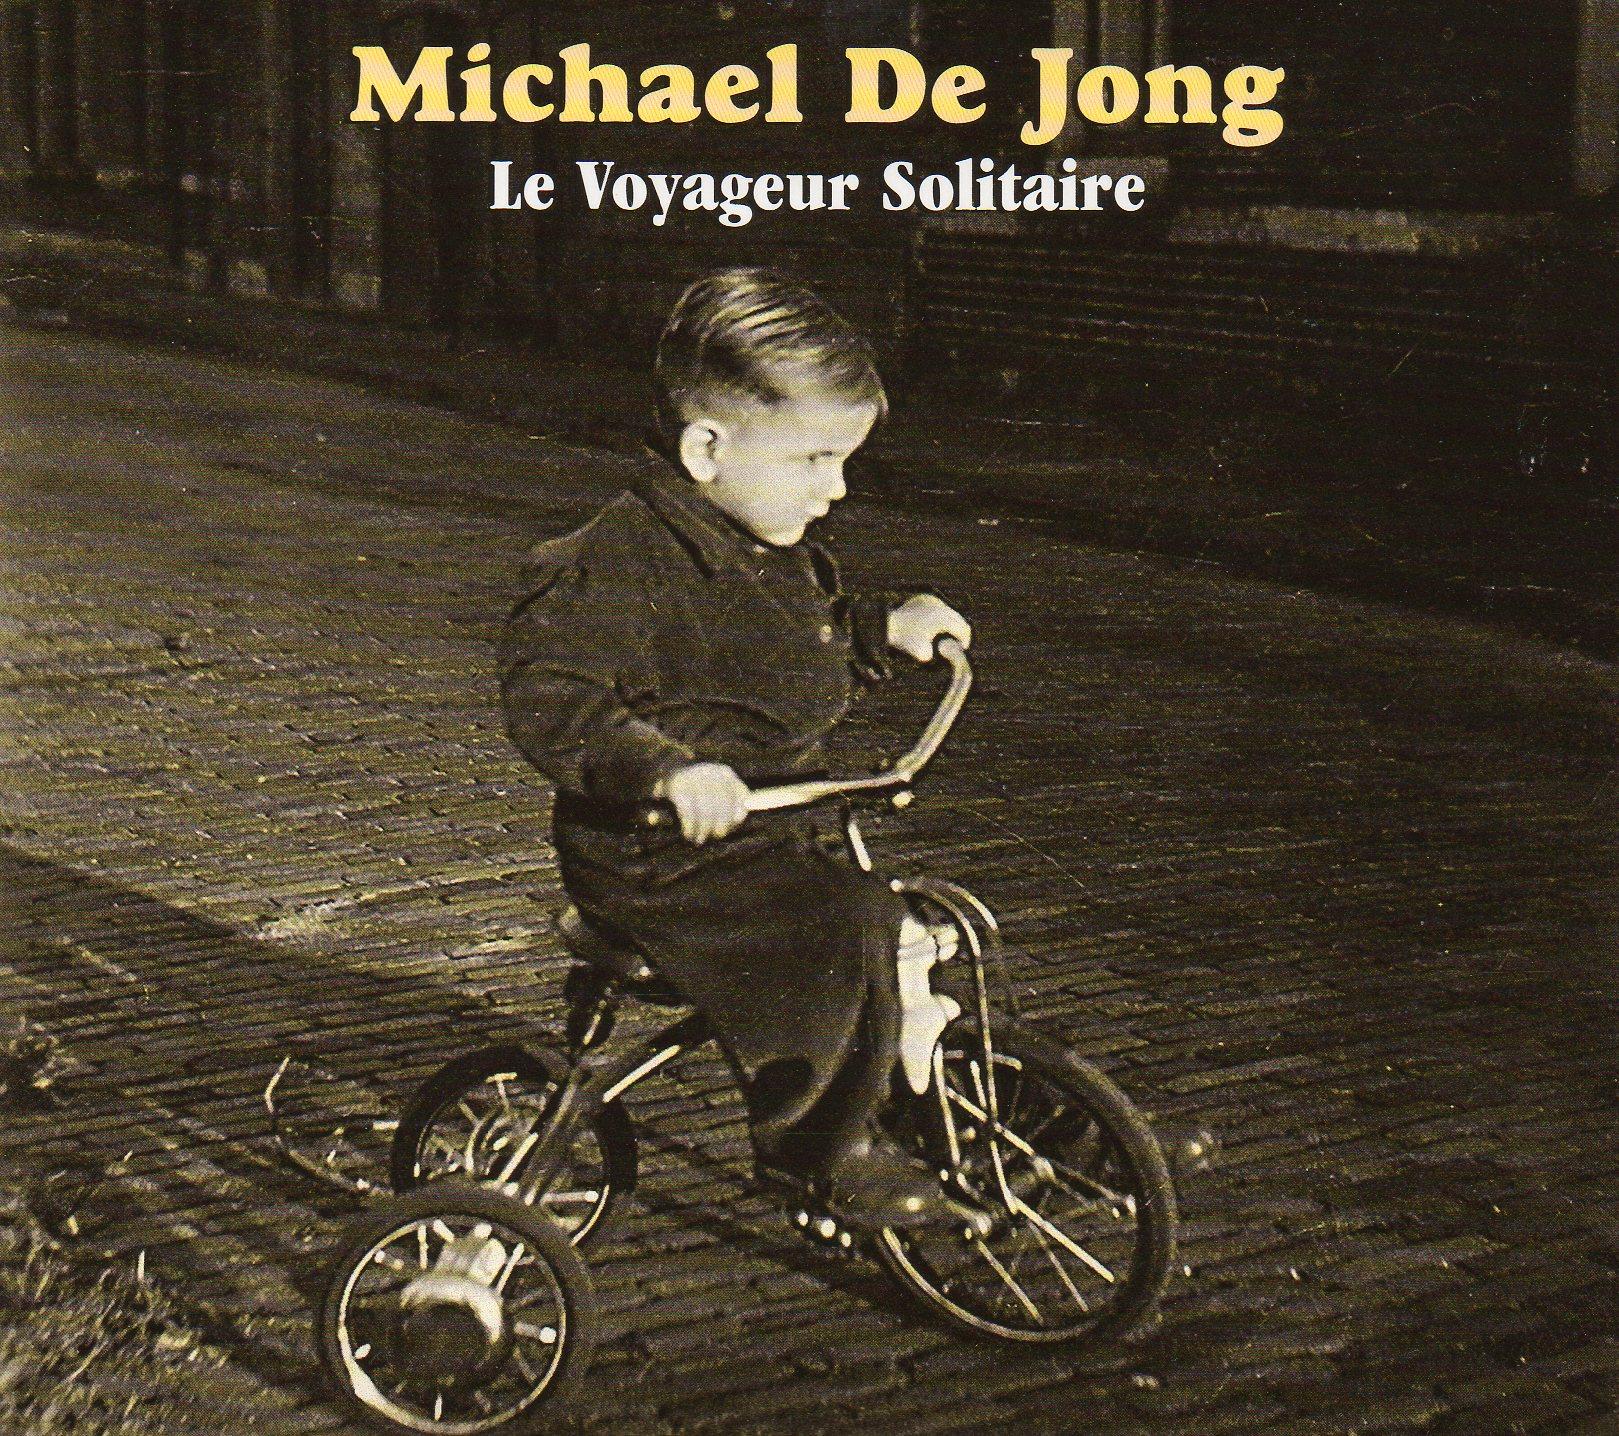 Michael De Jong - Le Voyageur Solitaire